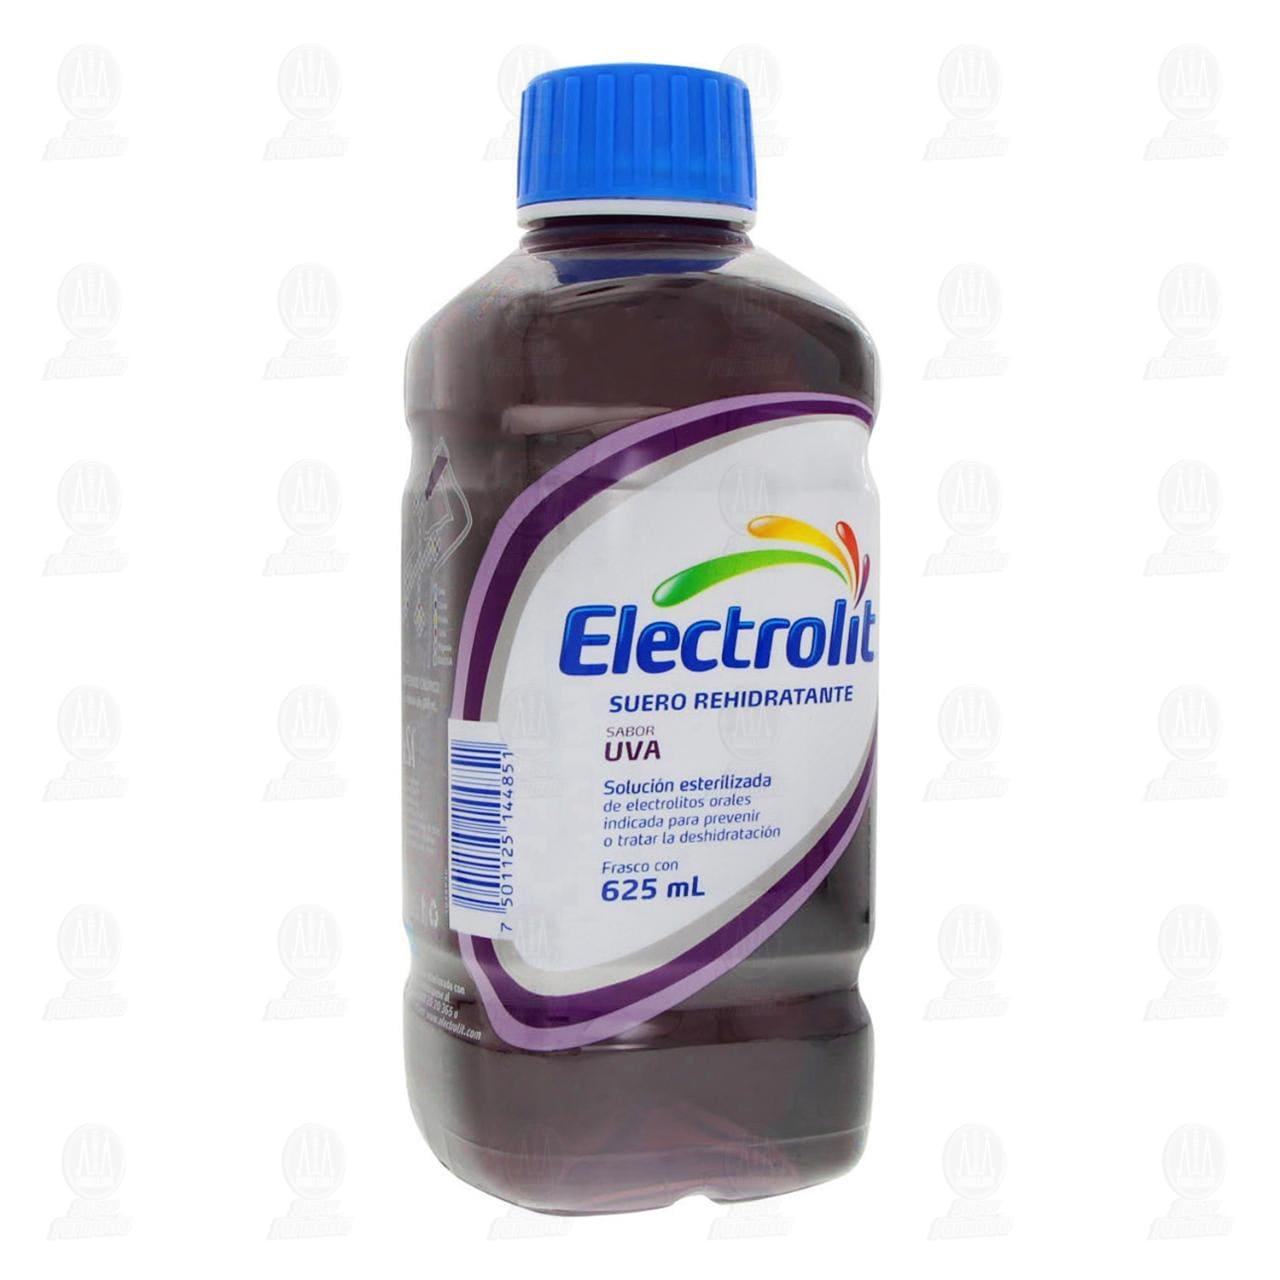 Comprar Electrolit Uva Oral 625ml en Farmacias Guadalajara